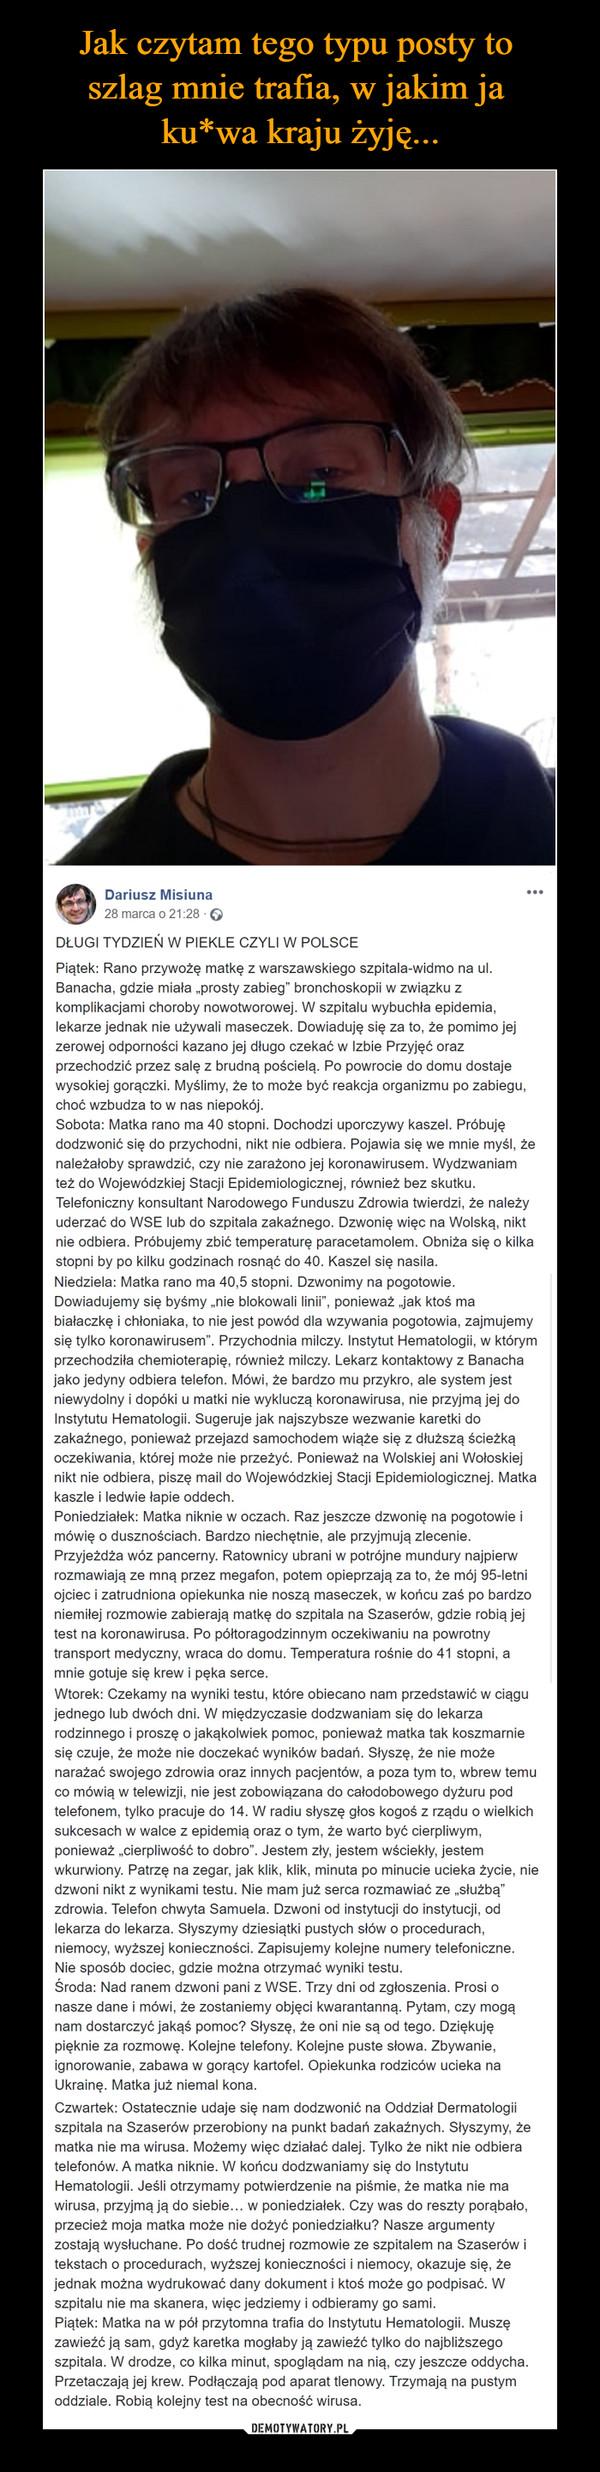 """–  Dariusz Misiuna28 marca o 21:28 · DŁUGI TYDZIEŃ W PIEKLE CZYLI W POLSCEPiątek: Rano przywożę matkę z warszawskiego szpitala-widmo na ul. Banacha, gdzie miała """"prosty zabieg"""" bronchoskopii w związku z komplikacjami choroby nowotworowej. W szpitalu wybuchła epidemia, lekarze jednak nie używali maseczek. Dowiaduję się za to, że pomimo jej zerowej odporności kazano jej długo czekać w Izbie Przyjęć oraz przechodzić przez salę z brudną pościelą. Po powrocie do domu dostaje wysokiej gorączki. Myślimy, że to może być reakcja organizmu po zabiegu, choć wzbudza to w nas niepokój.Sobota: Matka rano ma 40 stopni. Dochodzi uporczywy kaszel. Próbuję dodzwonić się do przychodni, nikt nie odbiera. Pojawia się we mnie myśl, że należałoby sprawdzić, czy nie zarażono jej koronawirusem. Wydzwaniam też do Wojewódzkiej Stacji Epidemiologicznej, również bez skutku. Telefoniczny konsultant Narodowego Funduszu Zdrowia twierdzi, że należy uderzać do WSE lub do szpitala zakaźnego. Dzwonię więc na Wolską, nikt nie odbiera. Próbujemy zbić temperaturę paracetamolem. Obniża się o kilka stopni by po kilku godzinach rosnąć do 40. Kaszel się nasila.Niedziela: Matka rano ma 40,5 stopni. Dzwonimy na pogotowie. Dowiadujemy się byśmy """"nie blokowali linii"""", ponieważ """"jak ktoś ma białaczkę i chłoniaka, to nie jest powód dla wzywania pogotowia, zajmujemy się tylko koronawirusem"""". Przychodnia milczy. Instytut Hematologii, w którym przechodziła chemioterapię, również milczy. Lekarz kontaktowy z Banacha jako jedyny odbiera telefon. Mówi, że bardzo mu przykro, ale system jest niewydolny i dopóki u matki nie wykluczą koronawirusa, nie przyjmą jej do Instytutu Hematologii. Sugeruje jak najszybsze wezwanie karetki do zakaźnego, ponieważ przejazd samochodem wiąże się z dłuższą ścieżką oczekiwania, której może nie przeżyć. Ponieważ na Wolskiej ani Wołoskiej nikt nie odbiera, piszę mail do Wojewódzkiej Stacji Epidemiologicznej. Matka kaszle i ledwie łapie oddech.Poniedziałek: Matka niknie w oczach. Raz jeszcze dz"""